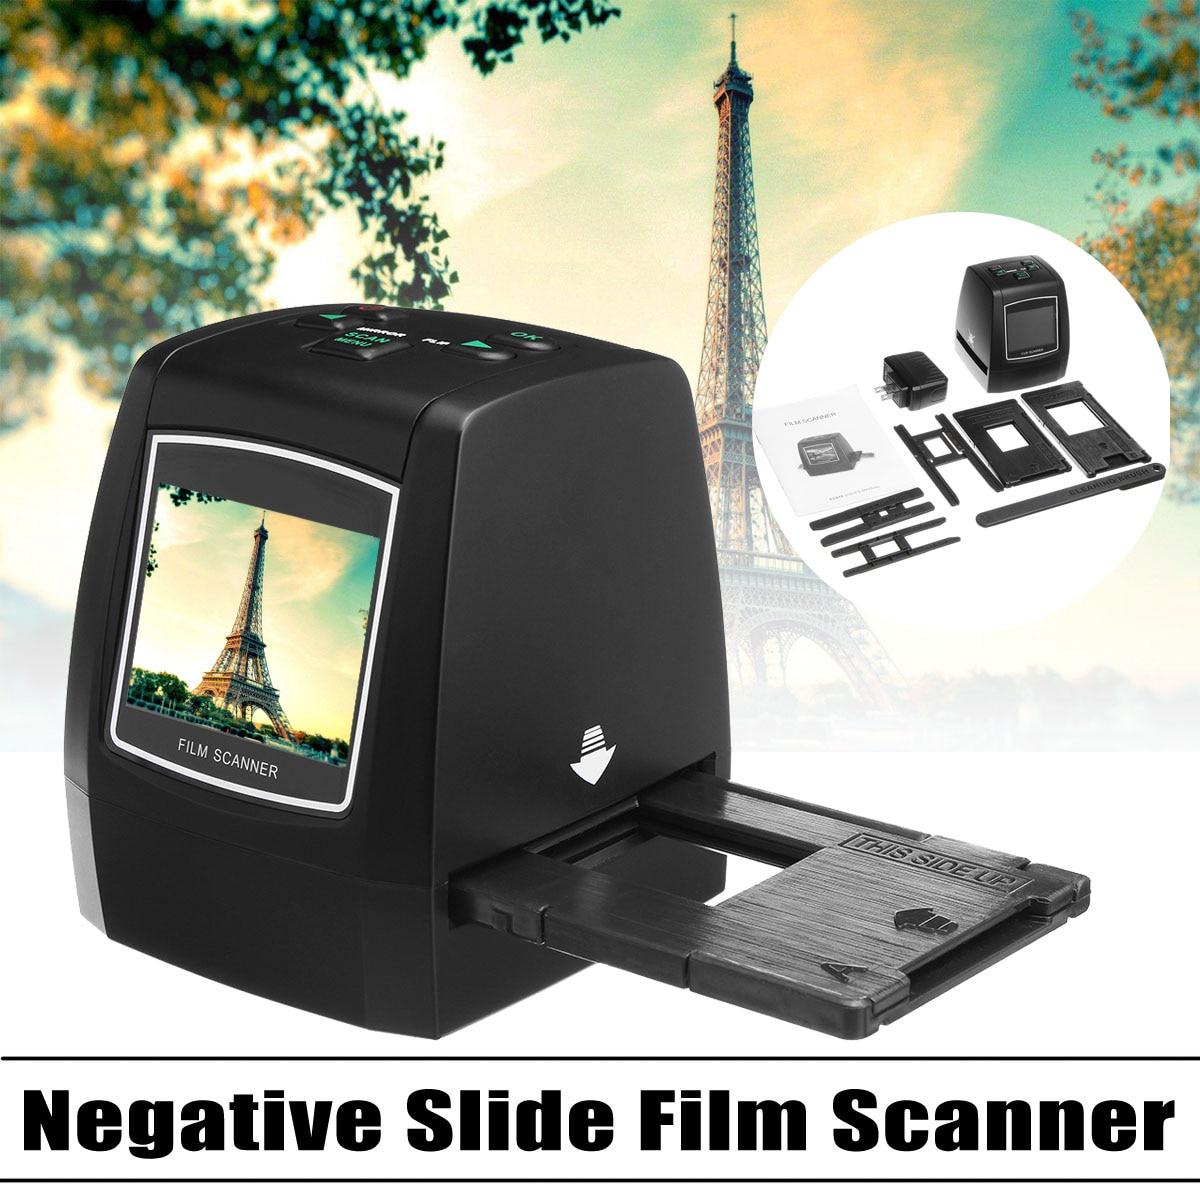 Высокая Разрешение 35 мм 135/126/110/8 мм негатив слайд пленка сканер фото Digitalizer аналоговый/цифровой файл 14MP/22MP